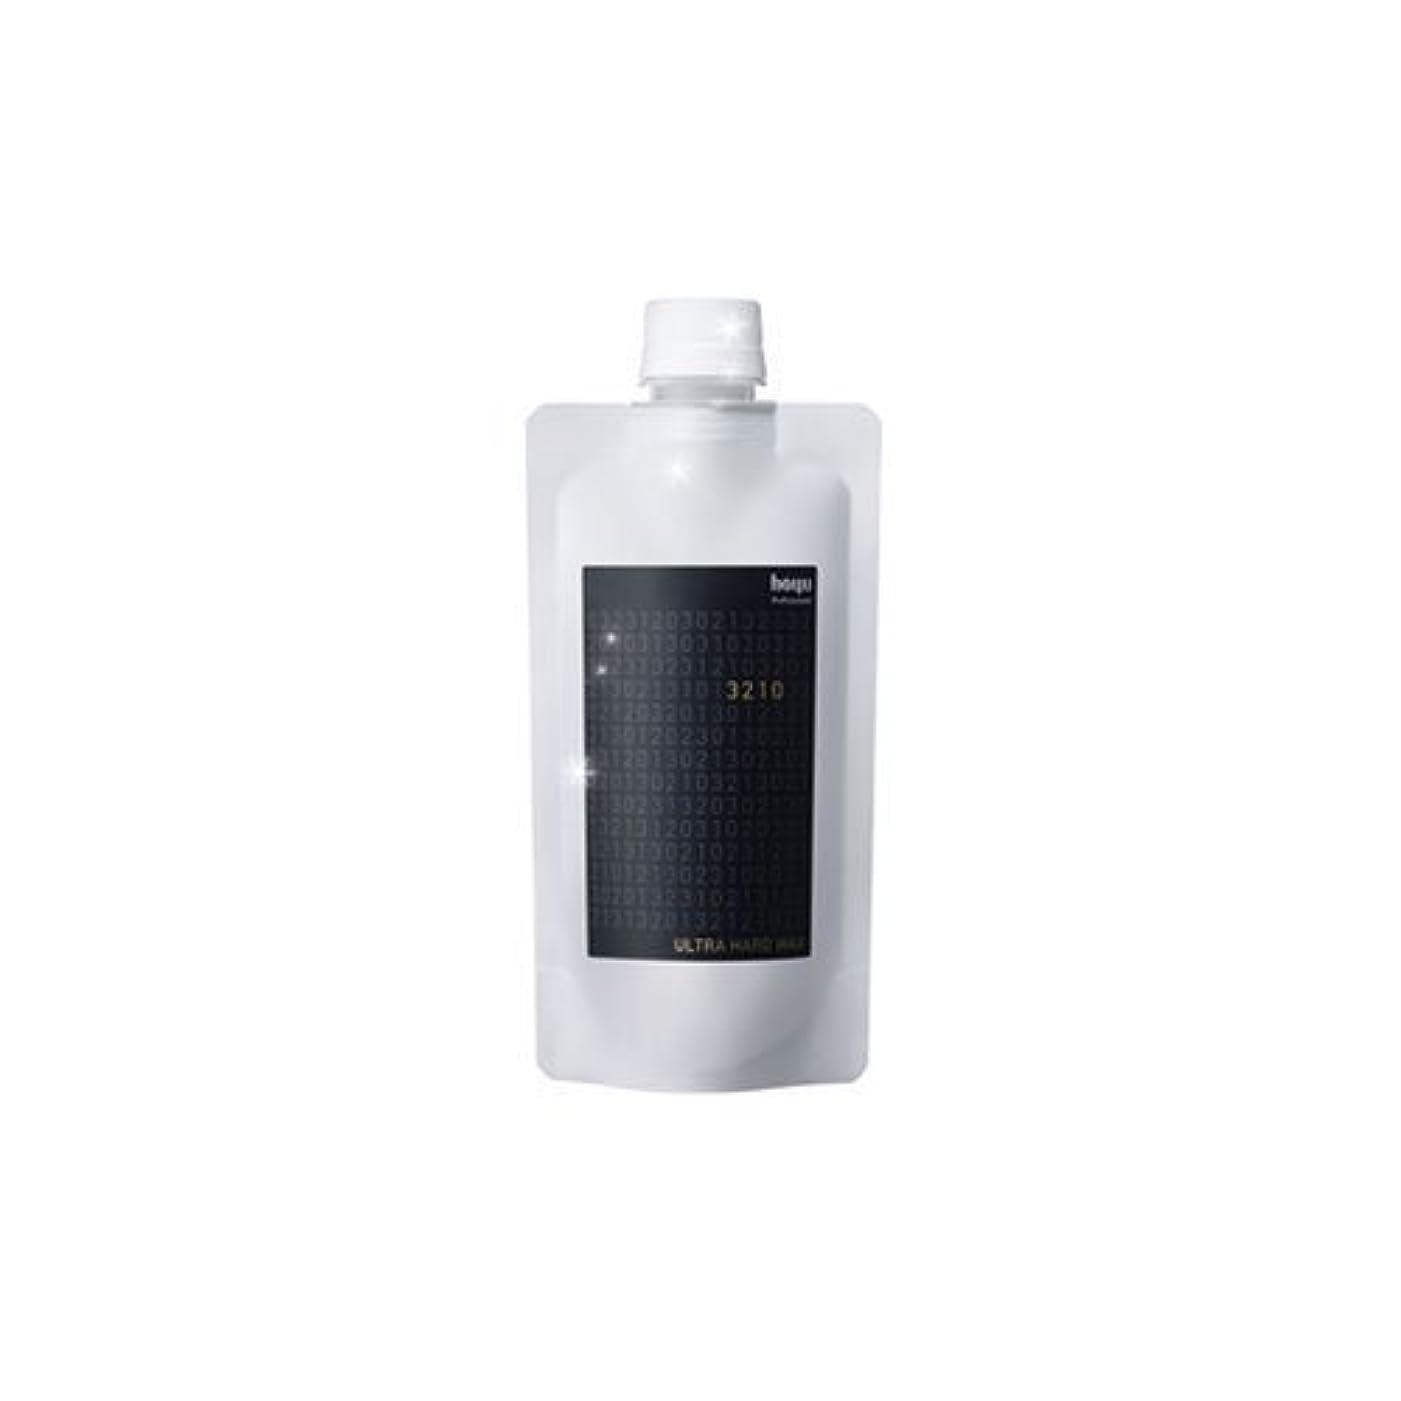 絶えず電池苦痛ホーユー 3211 (ミニーレ) ウルトラハードワックス 200g (詰替)